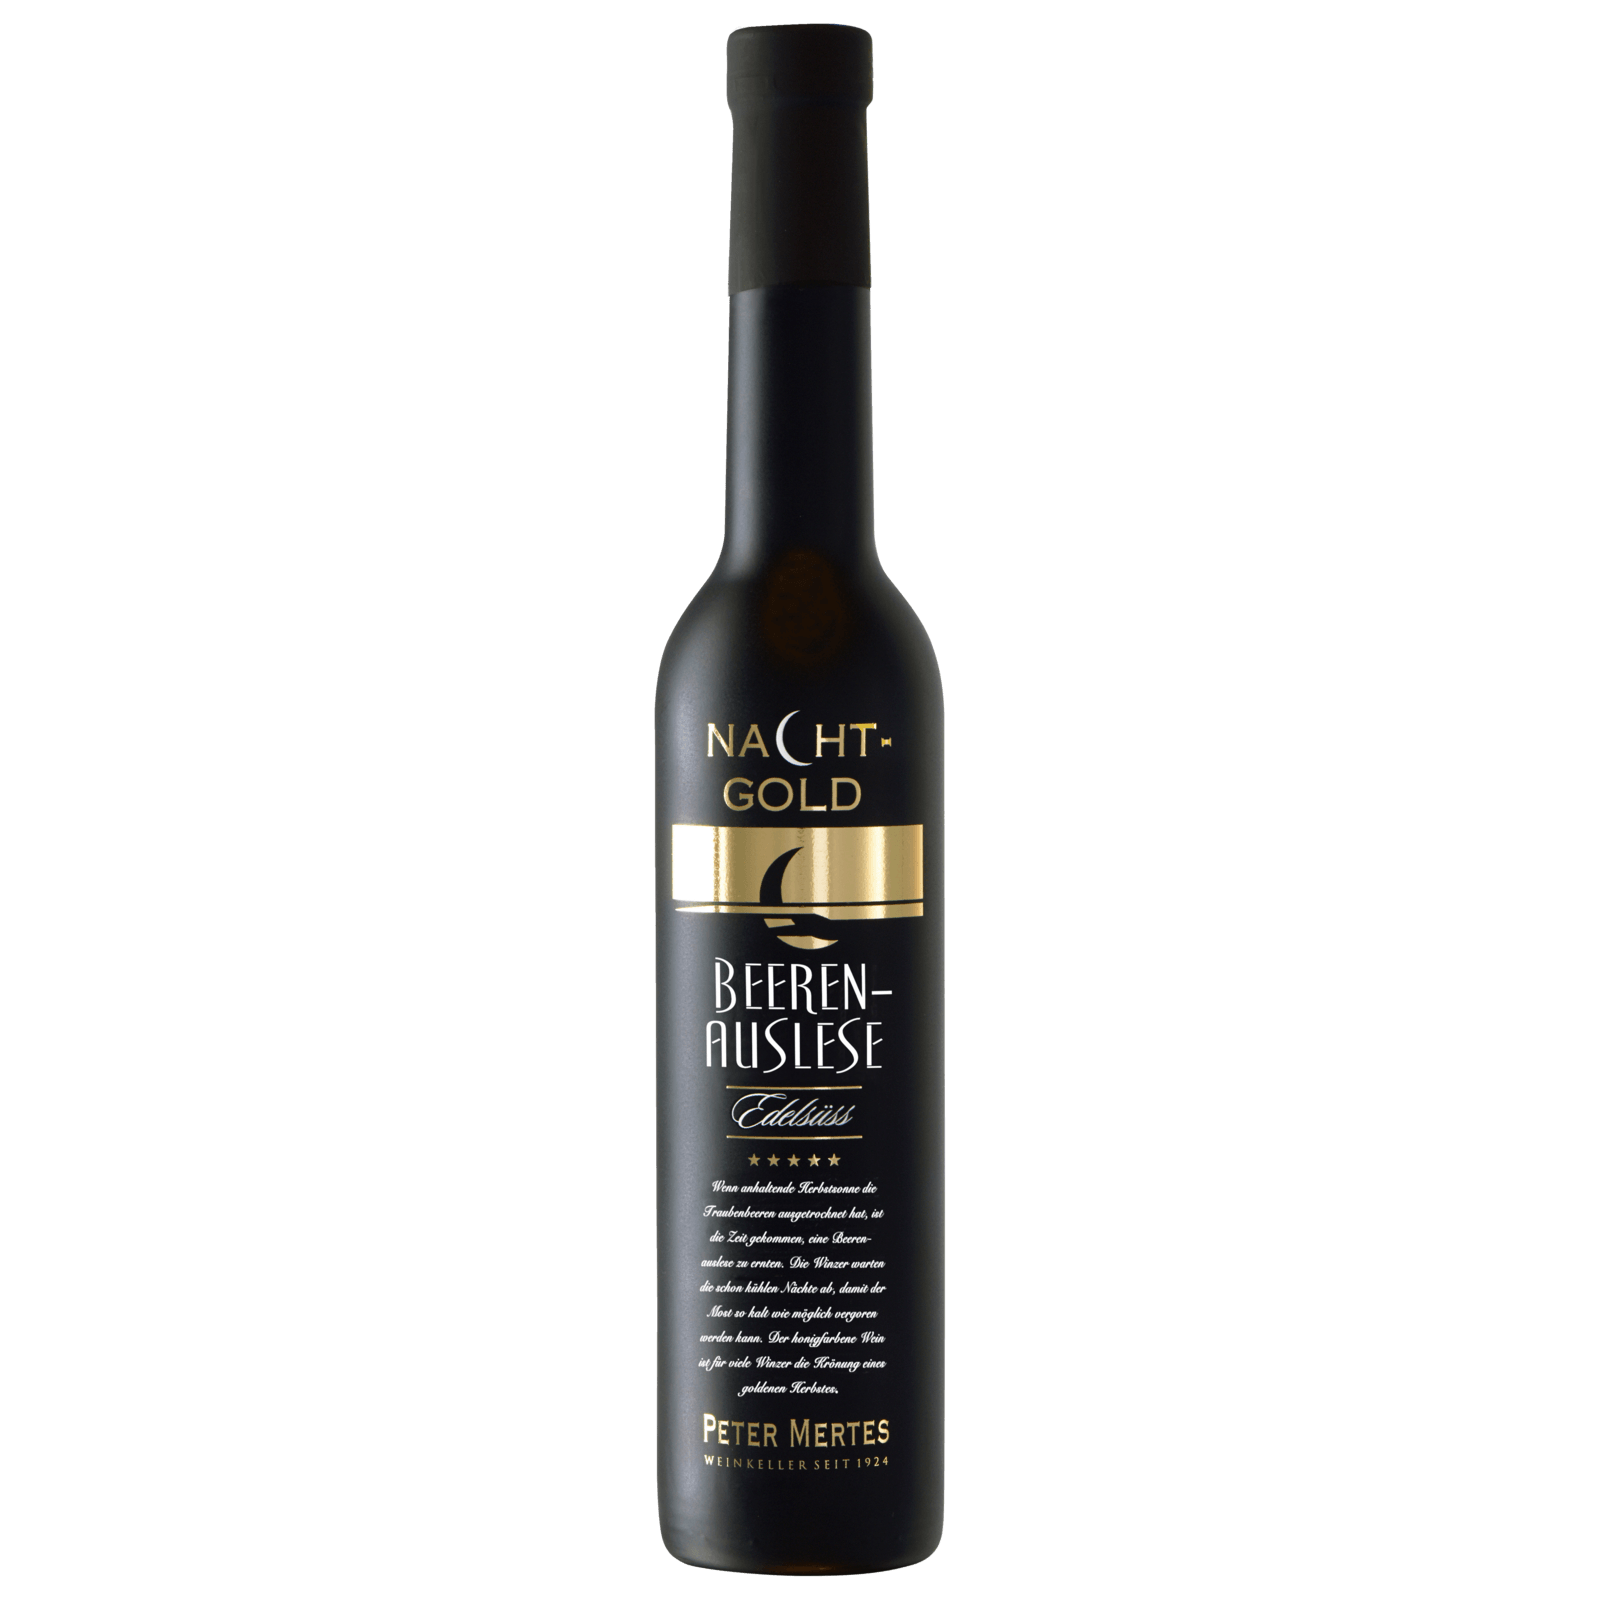 Nachtgold Beerenauslese 375ml bei REWE online bestellen